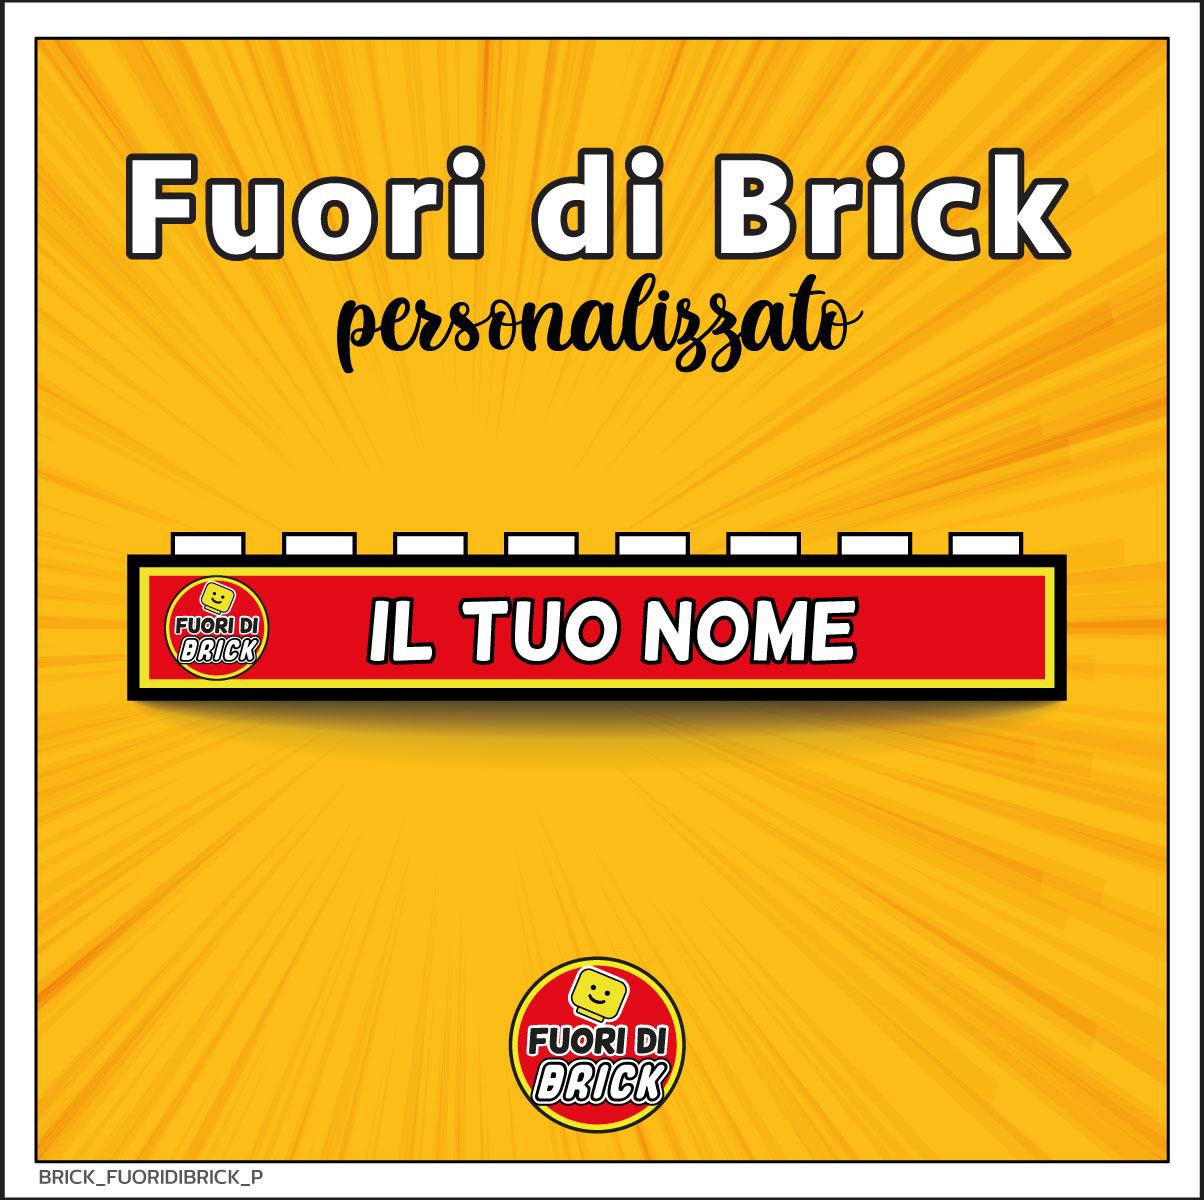 BRICK 1X8_FUORI DI BRICK_PERSONALIZZATO